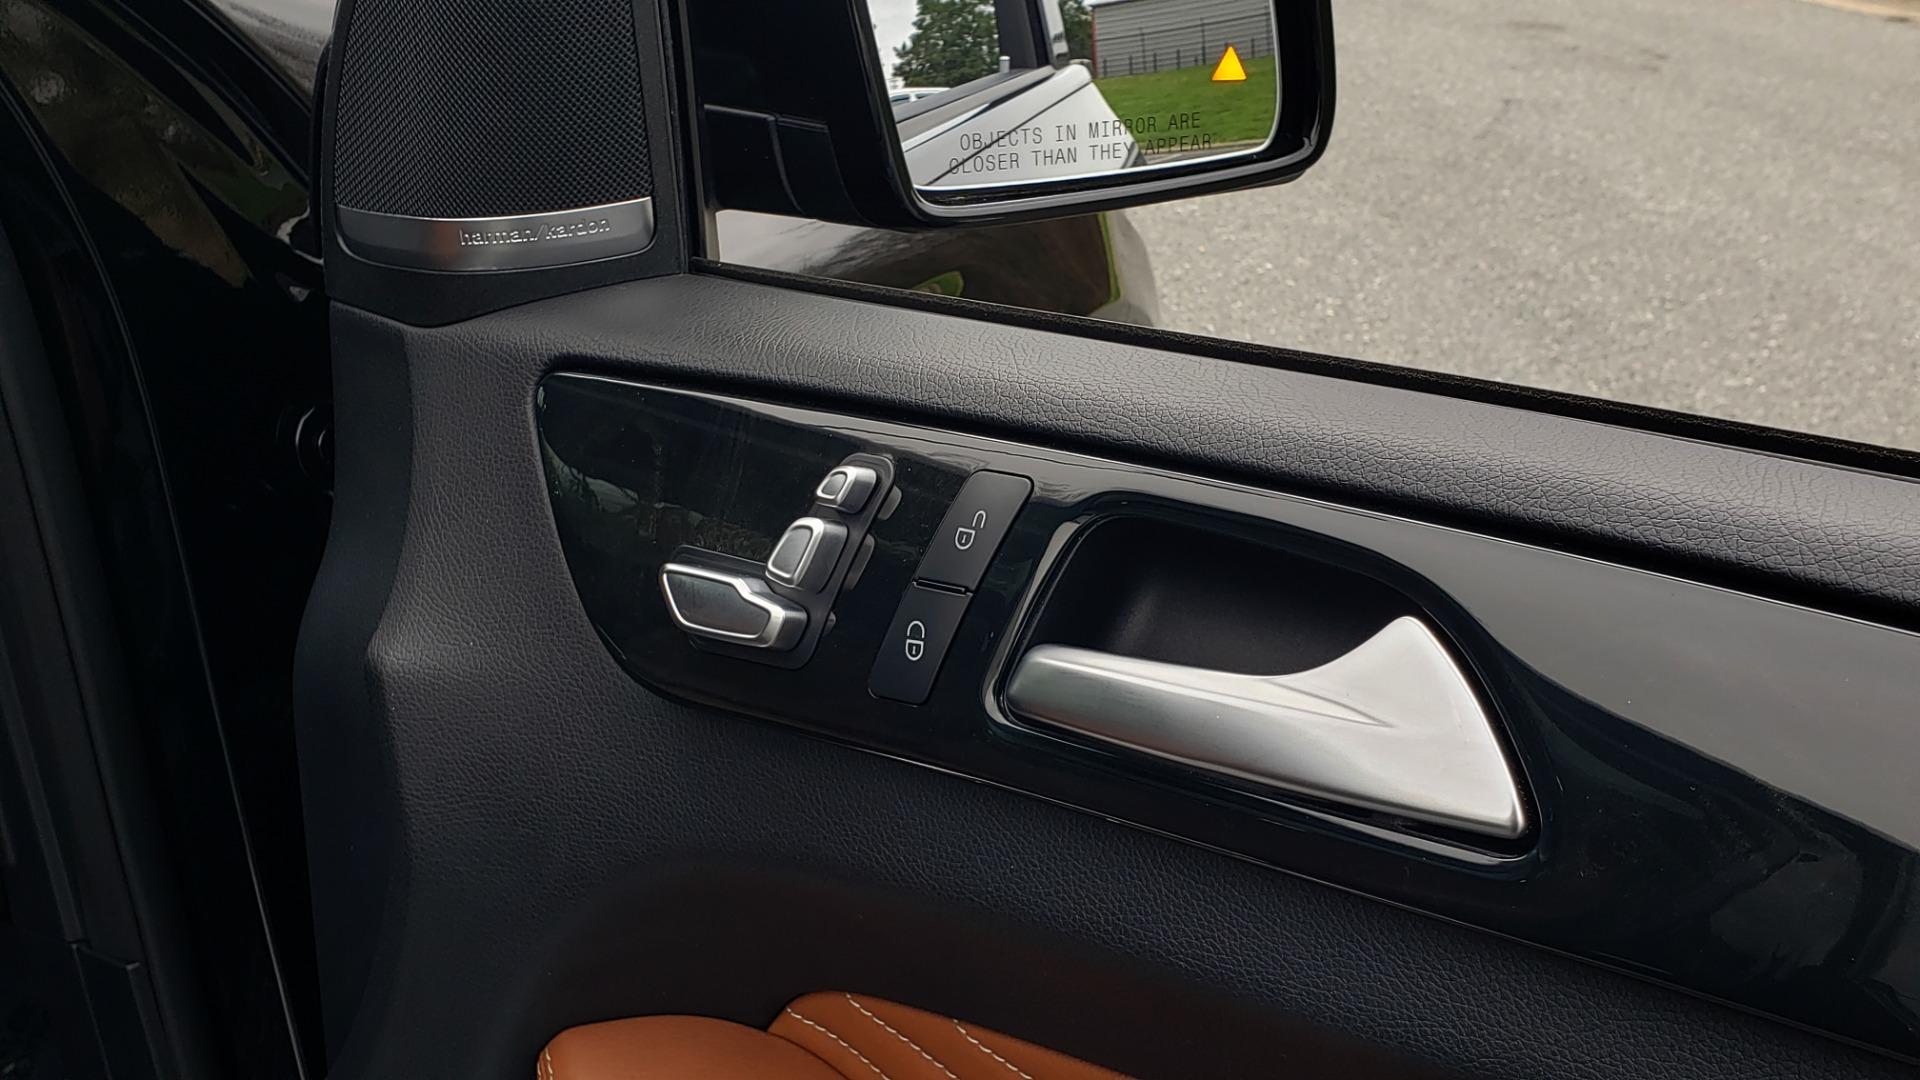 Used 2016 Mercedes-Benz GLE 450 AMG / AWD / PREM PKG / PARK ASST / DRVR ASST / SUNROOF for sale Sold at Formula Imports in Charlotte NC 28227 71